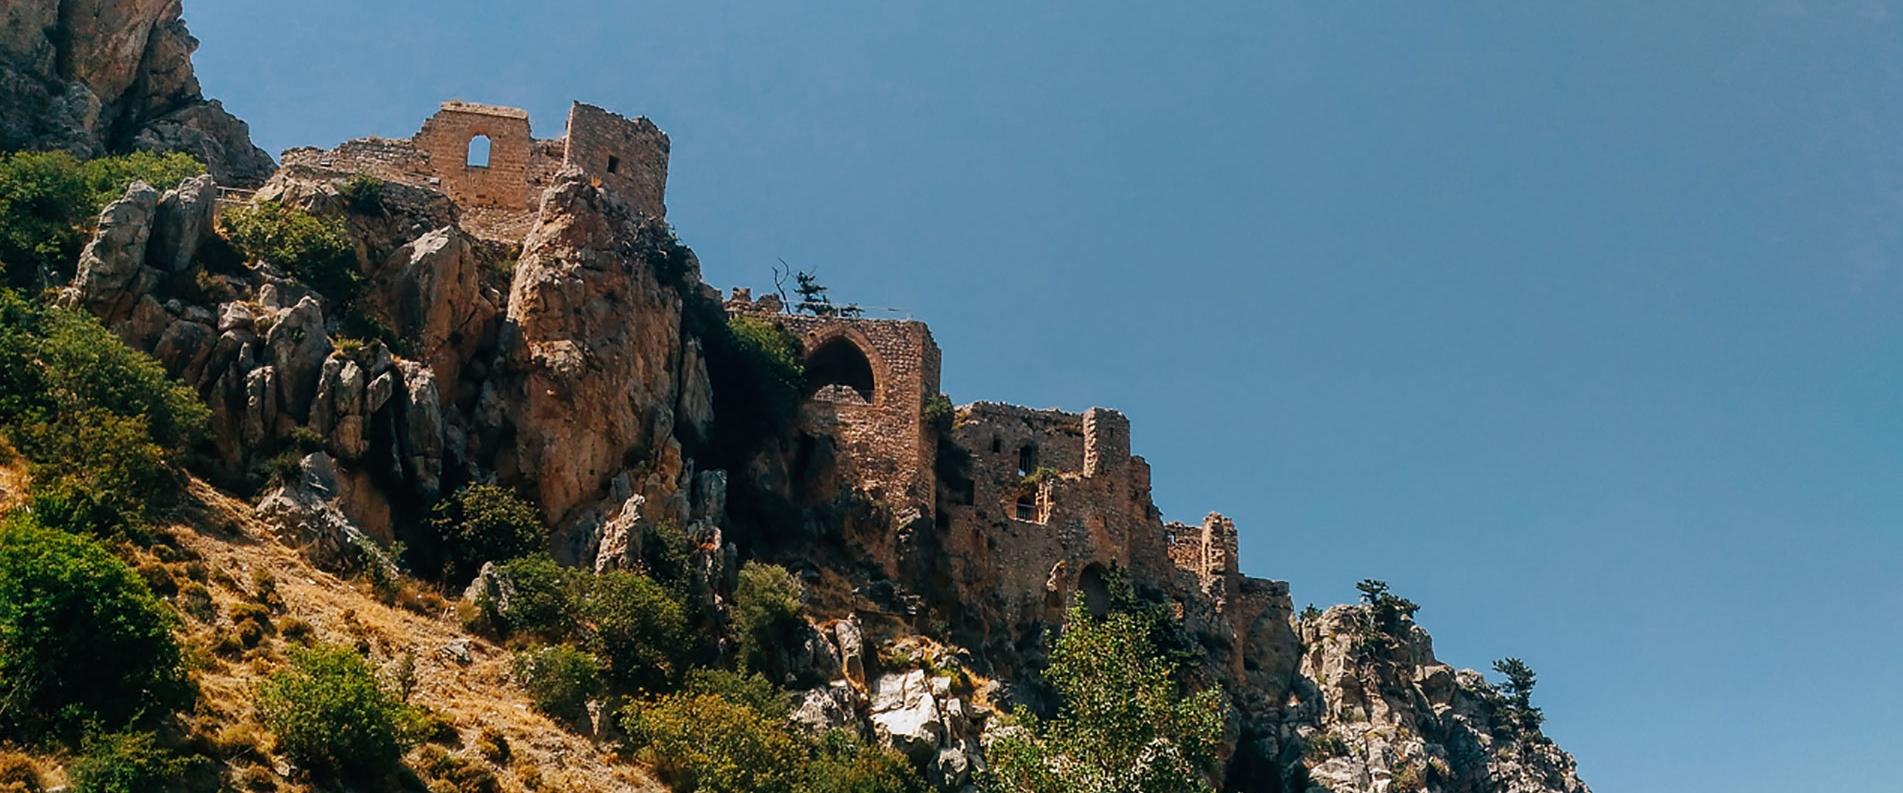 Поездка в замок Святого Иллариона